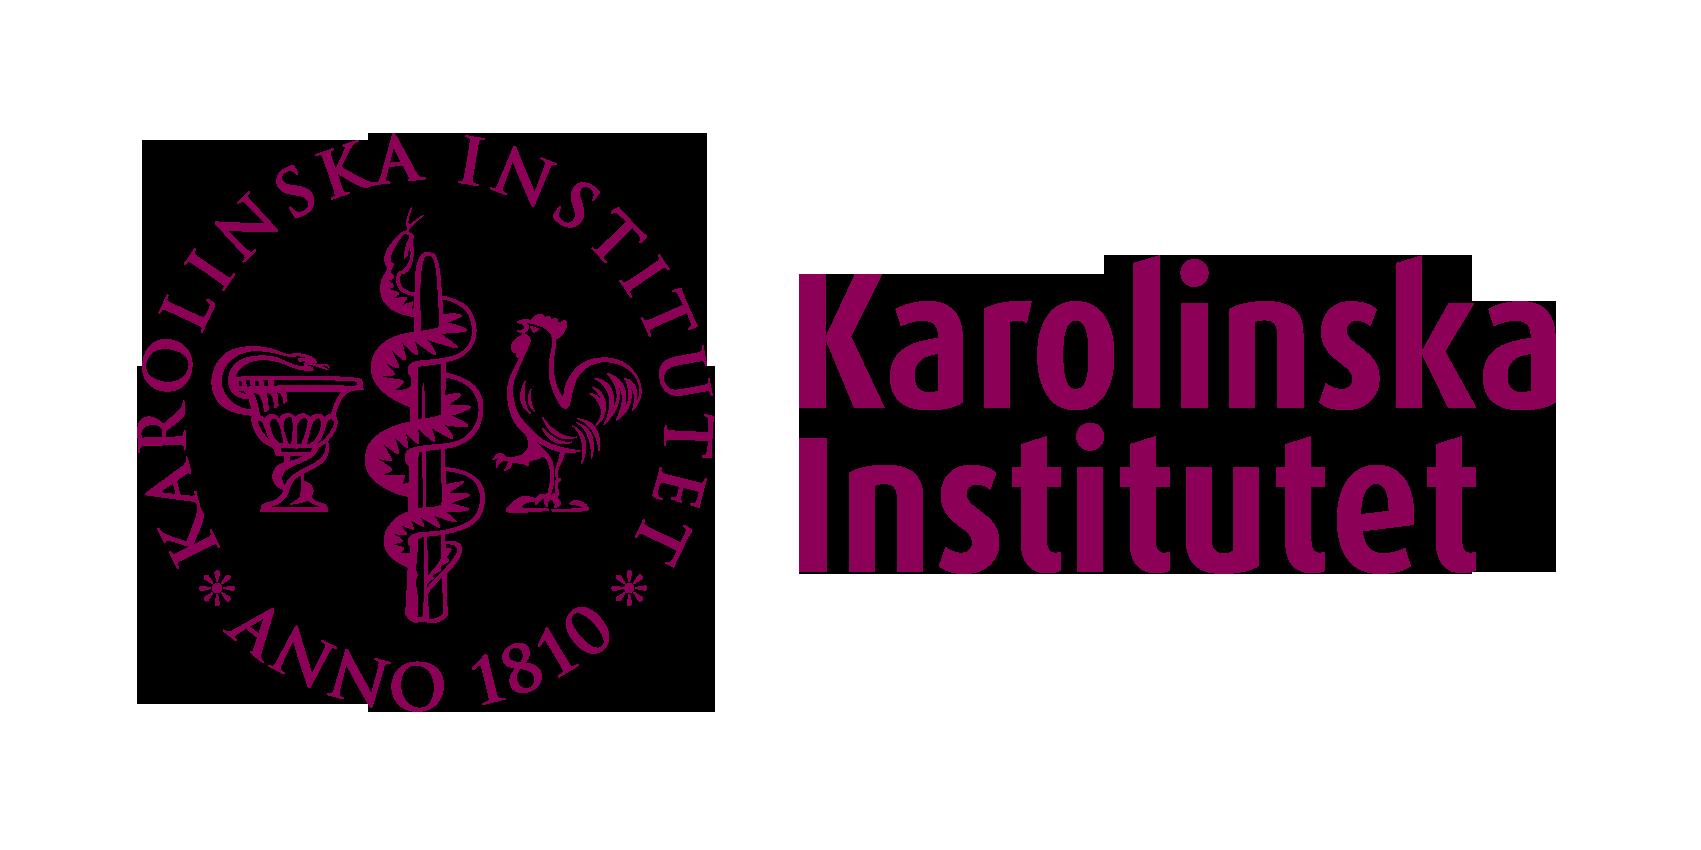 https://www.utbildningssidan.se/utbildning/fysiologi-en-introduktion-karolinska-institutet